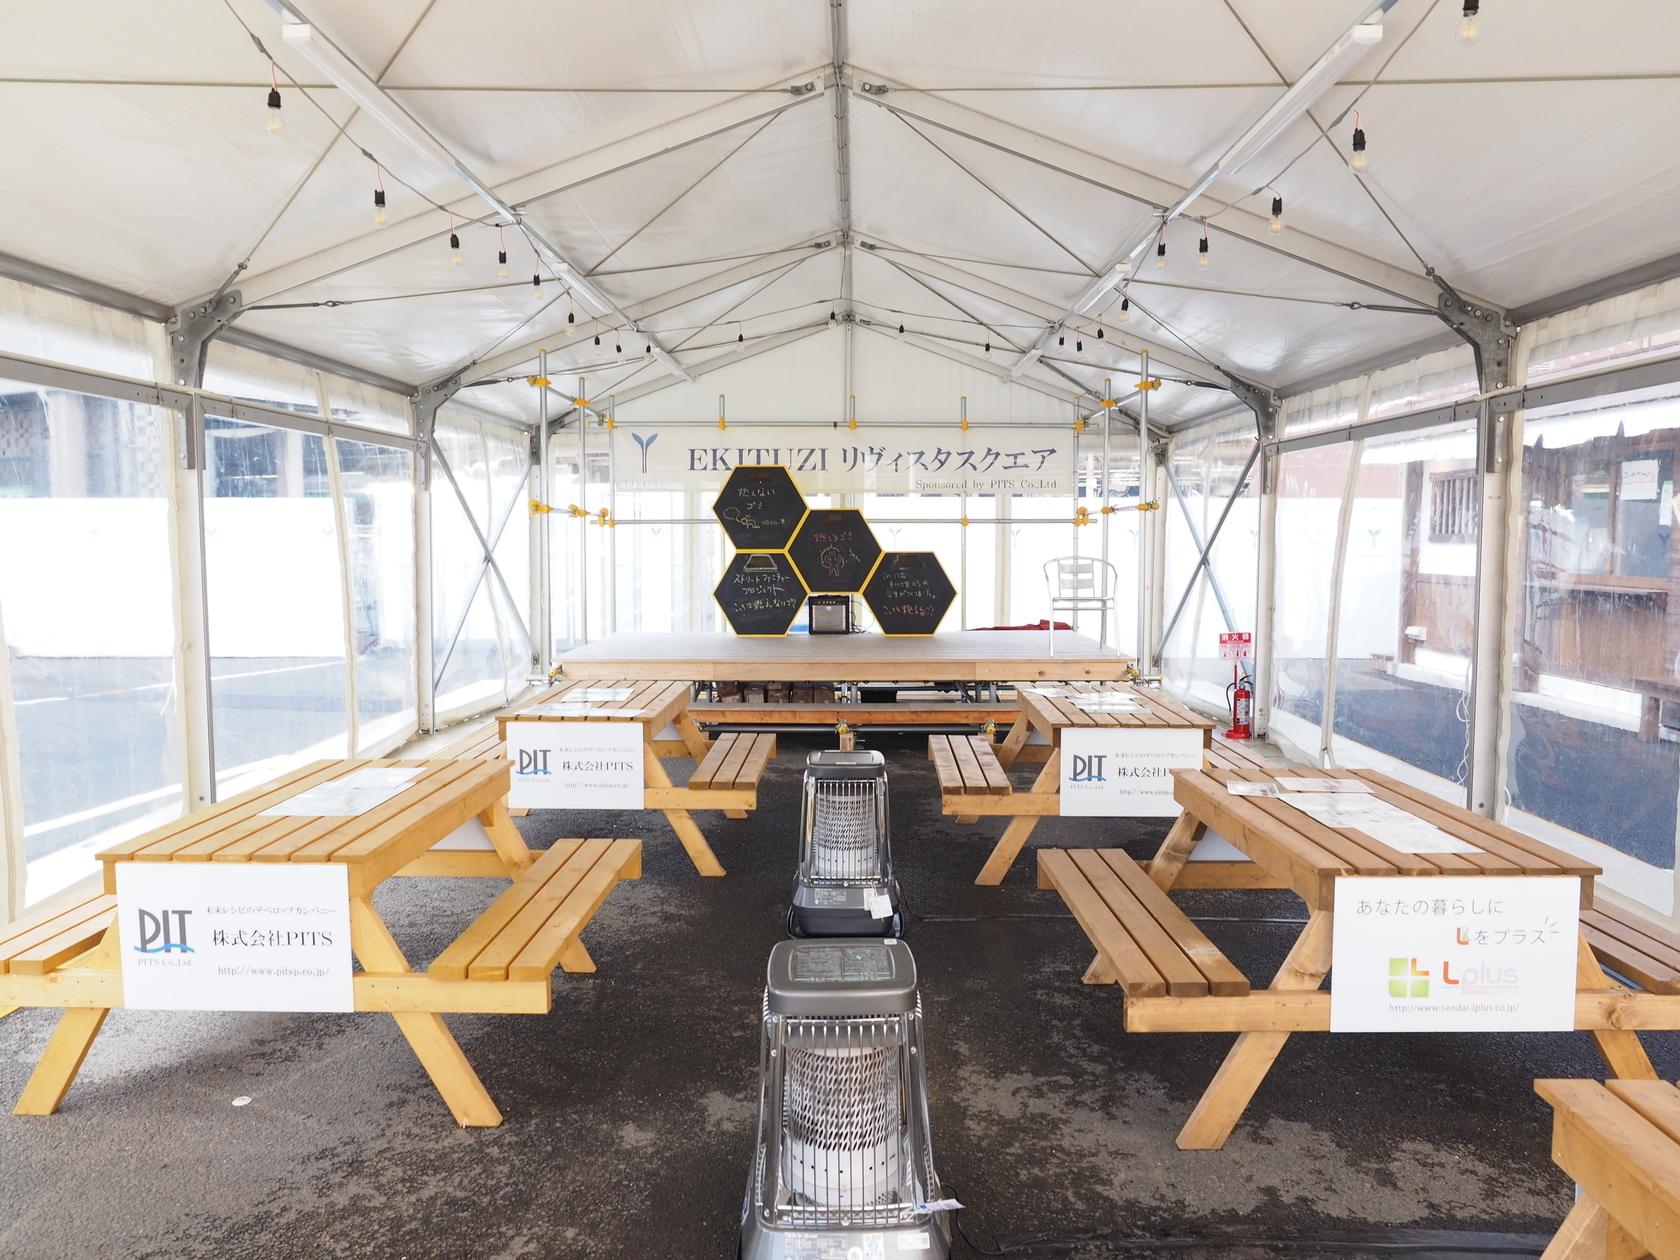 【4月~9月】【EKITUZI】仙台駅徒歩0分 ステージ/電源つき 屋根付き屋外テントスペース(EKITUZI -食と遊びで未来を志向する実験広場-) の写真0